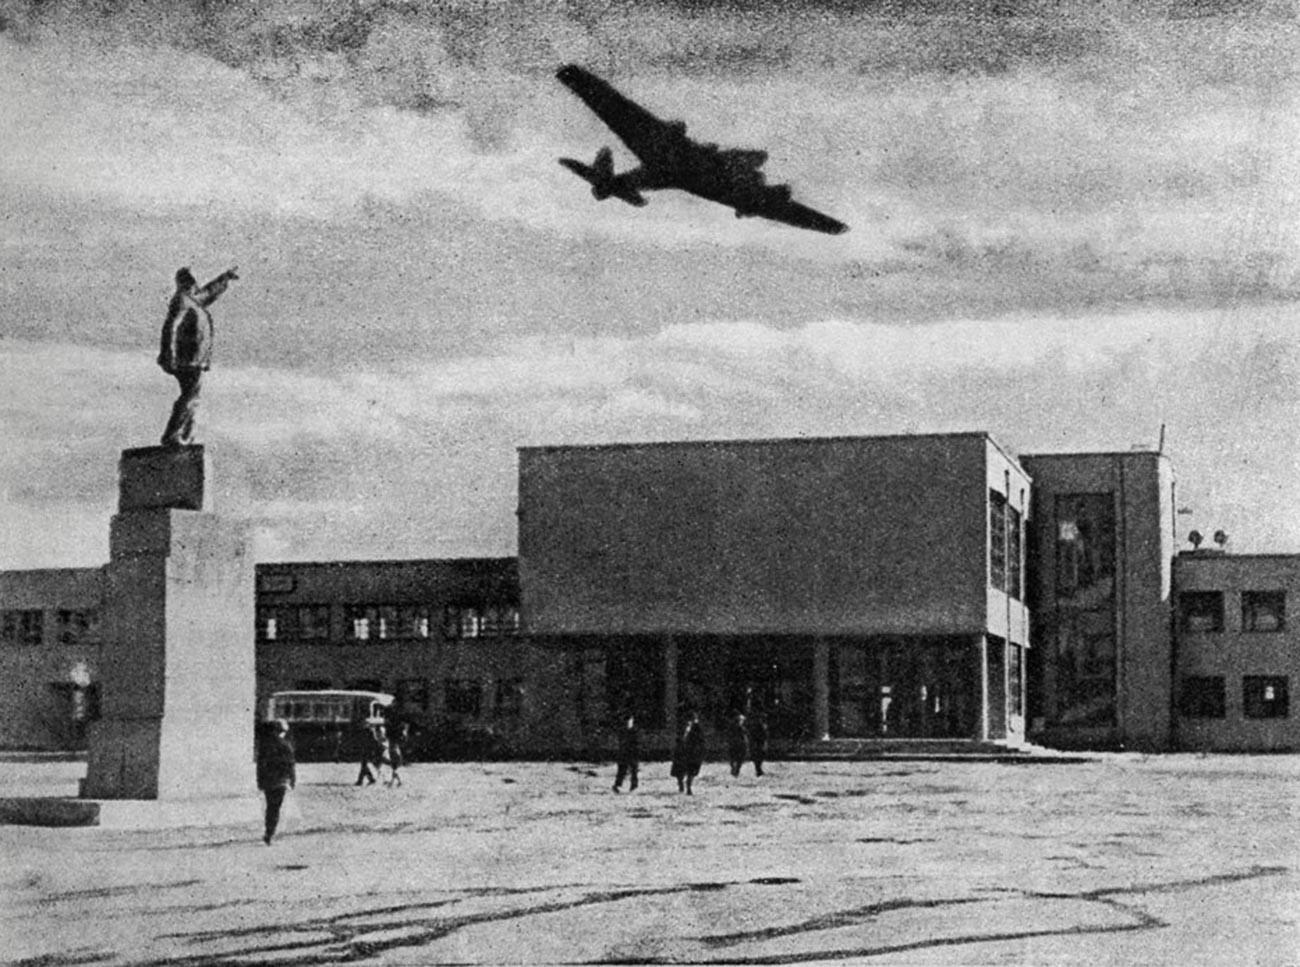 ホドィンスコエ・ポーレ空港のANT-14飛行機、1934年